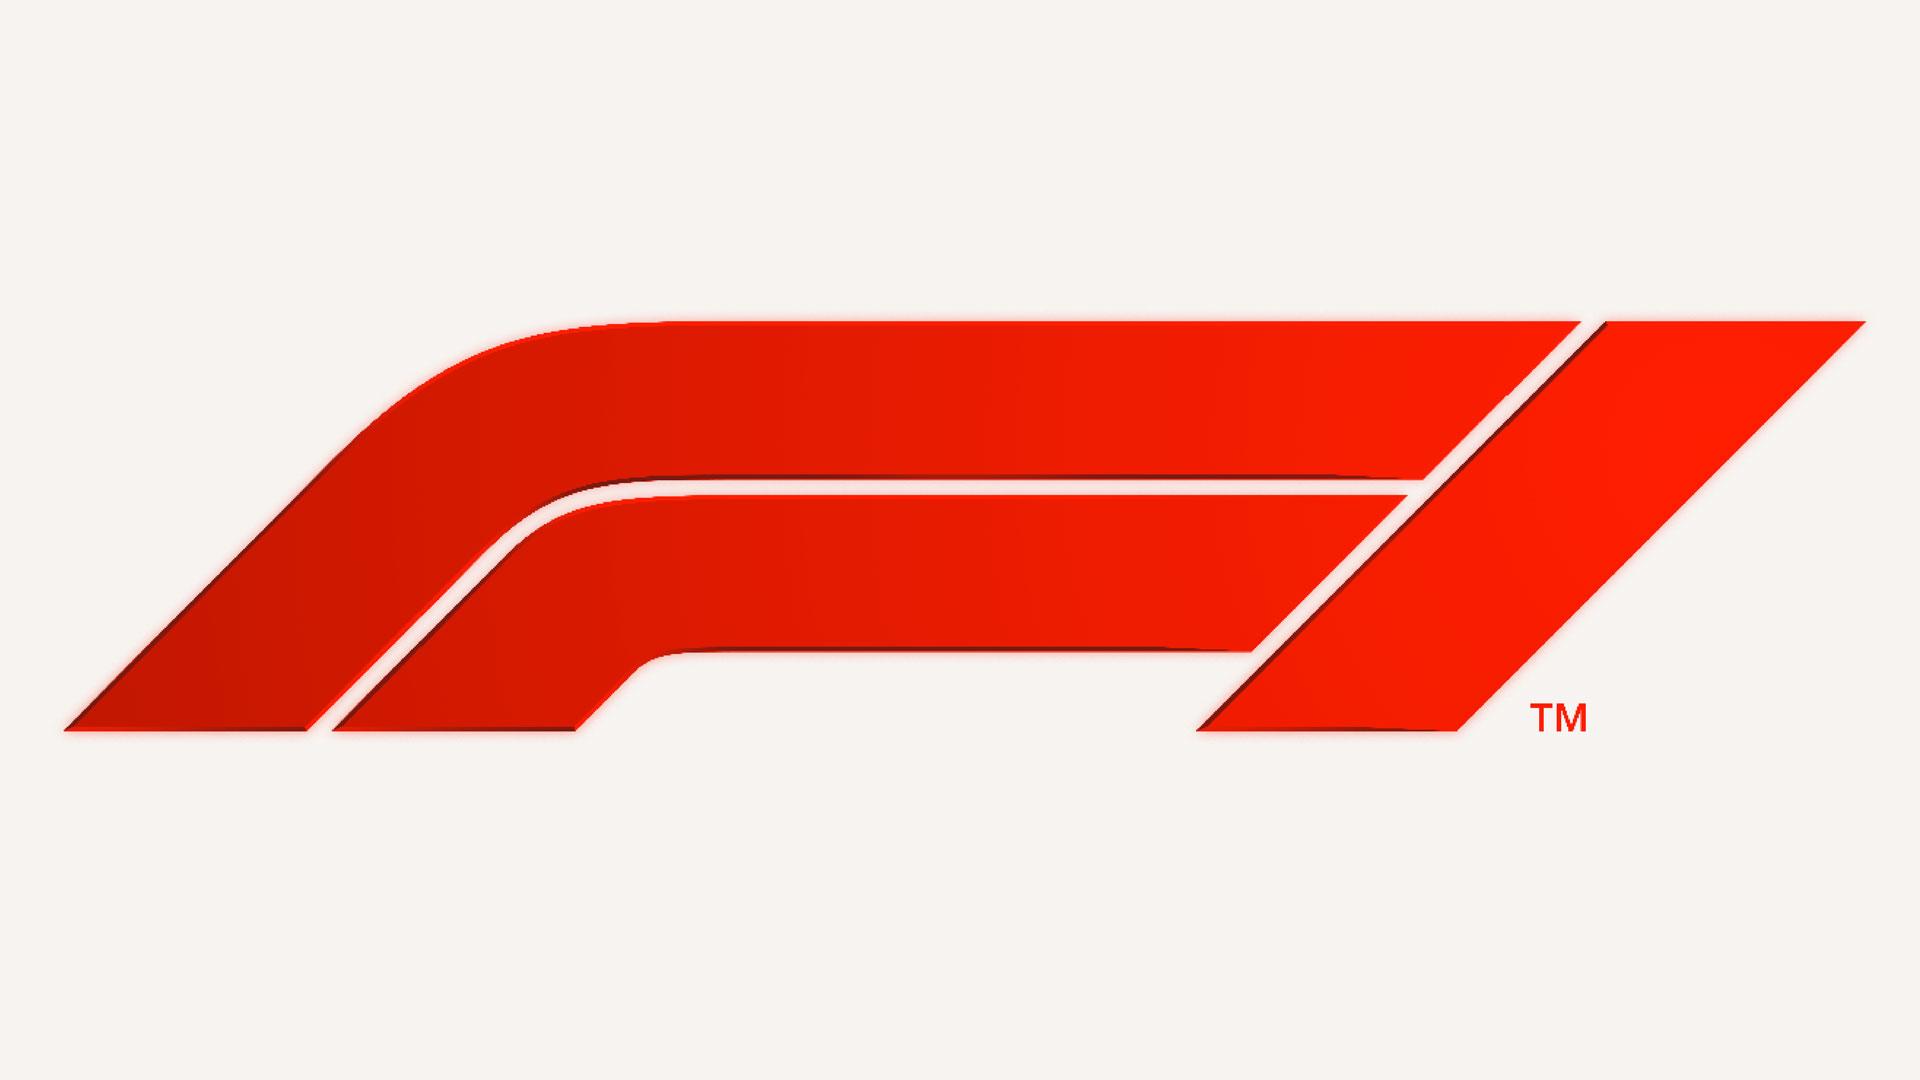 new formula one logo revealed 183 f1 fanatic